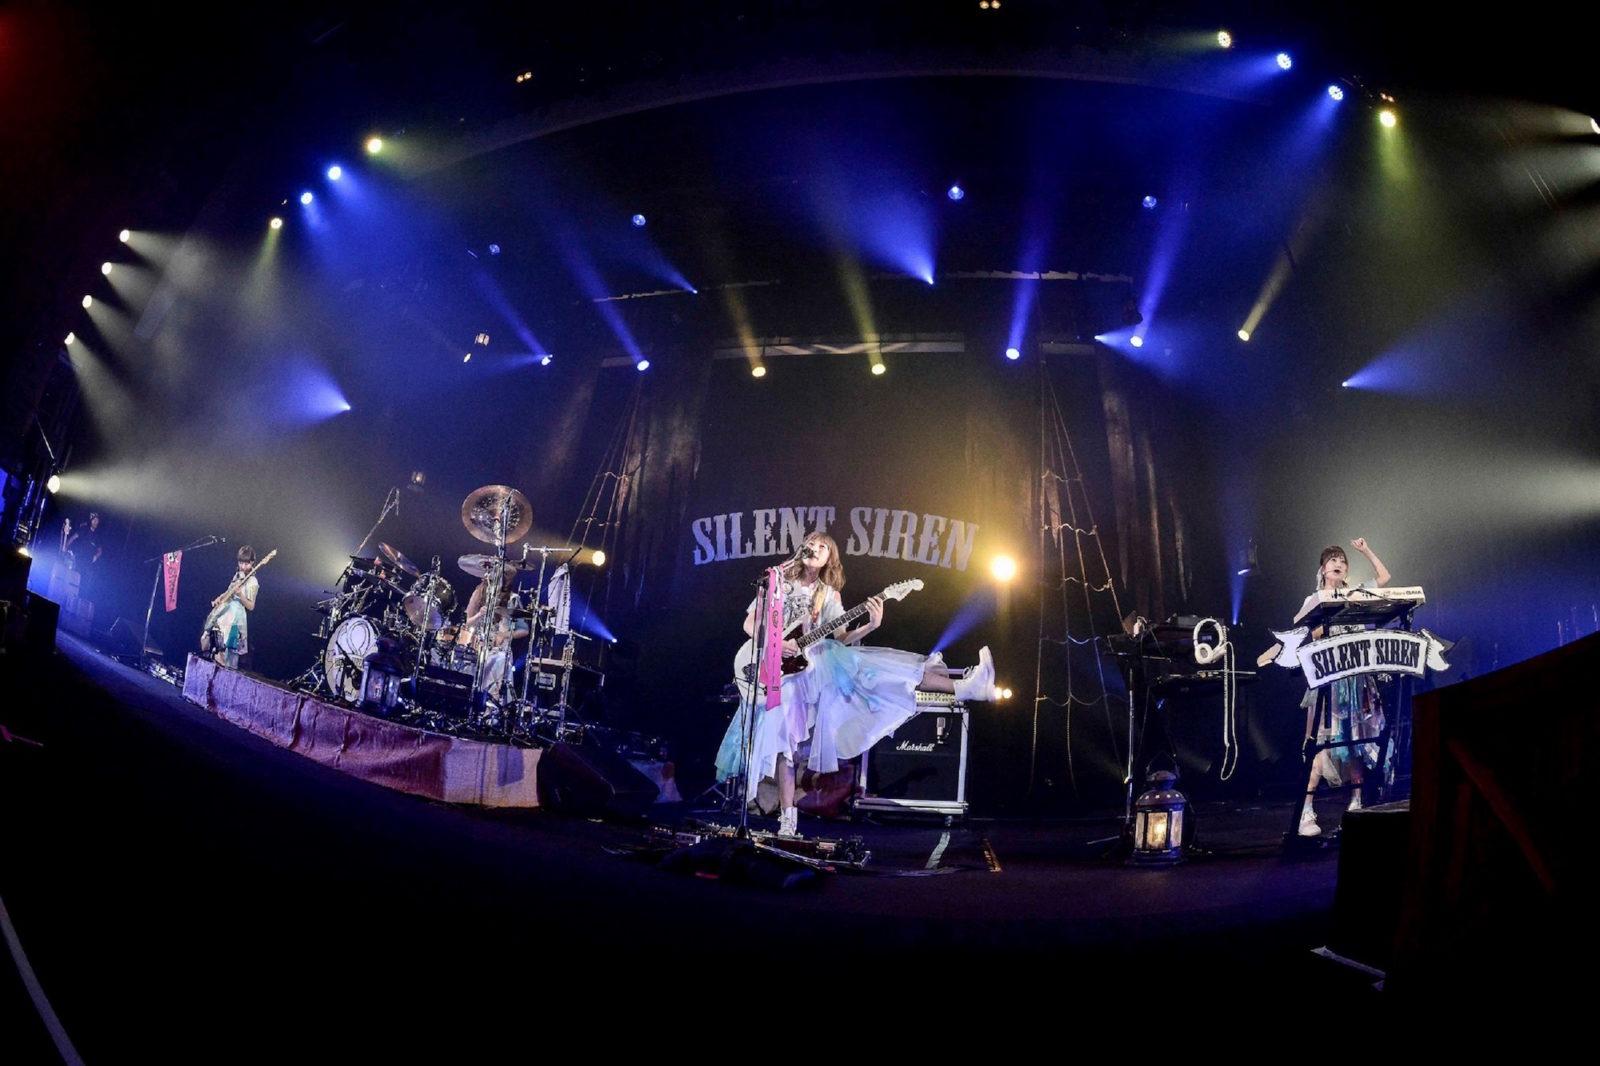 SILENT SIRENのニューアルバム サプライズ発表にファン歓喜「女の子が持っているパワーが詰まった最高な楽曲が入っています!」サムネイル画像